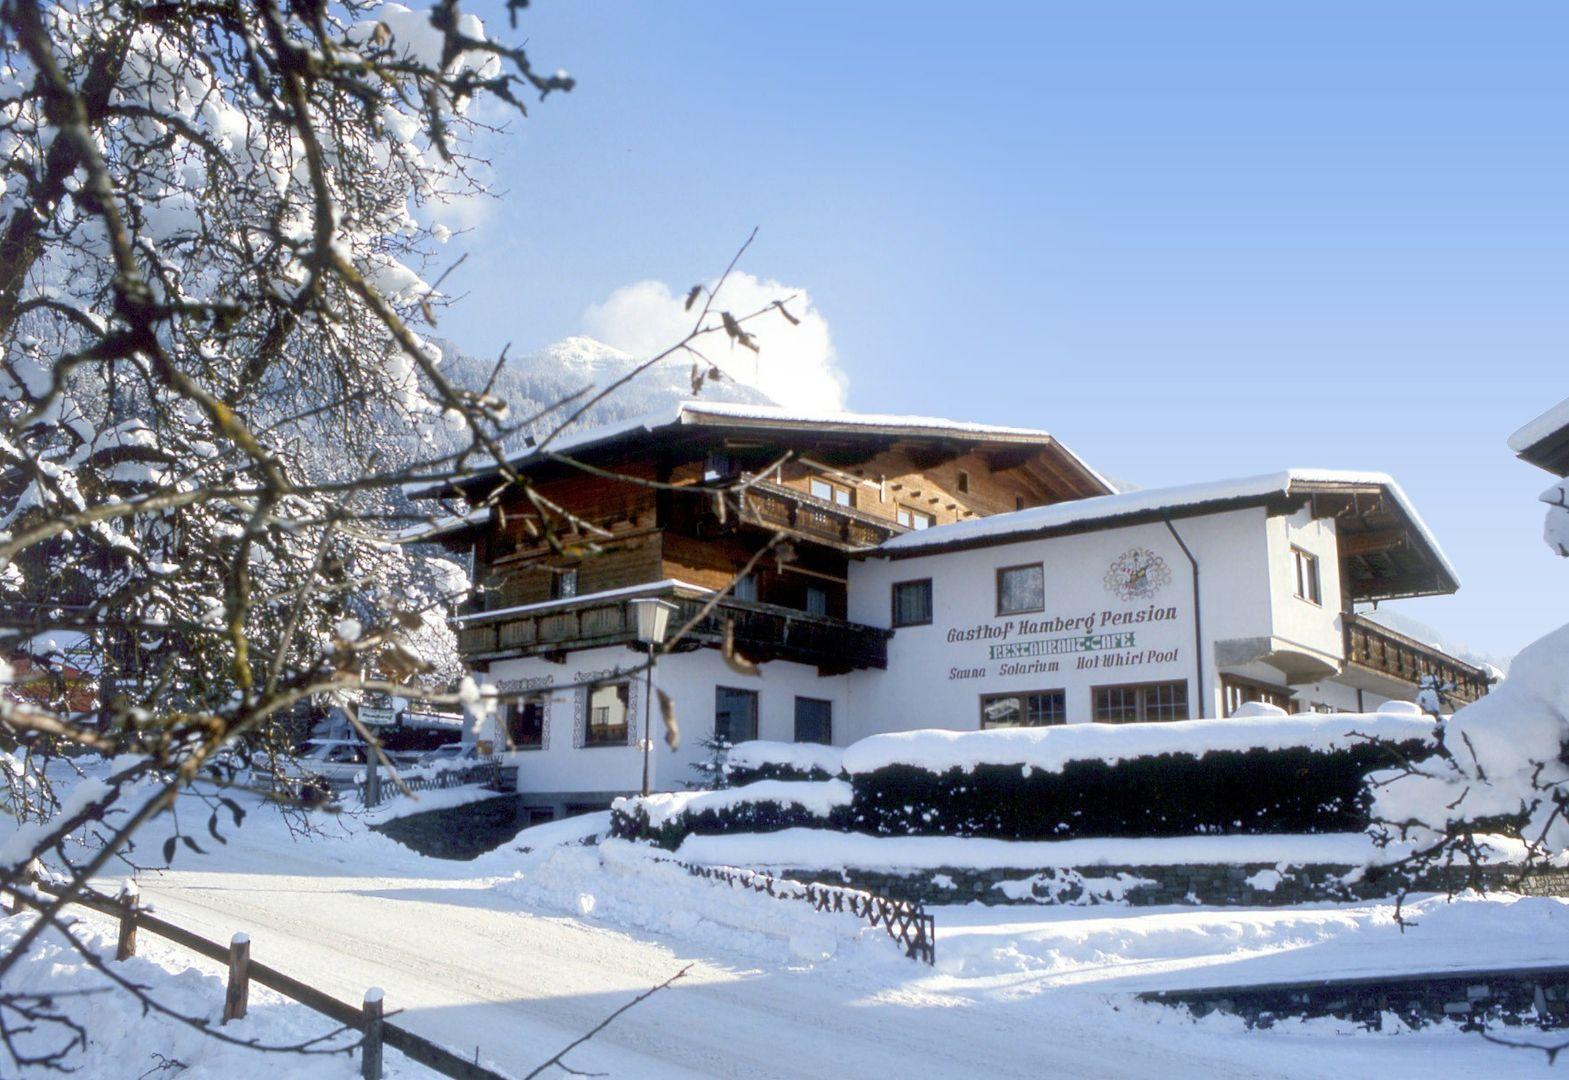 Gasthof Hamberg - Slide 1